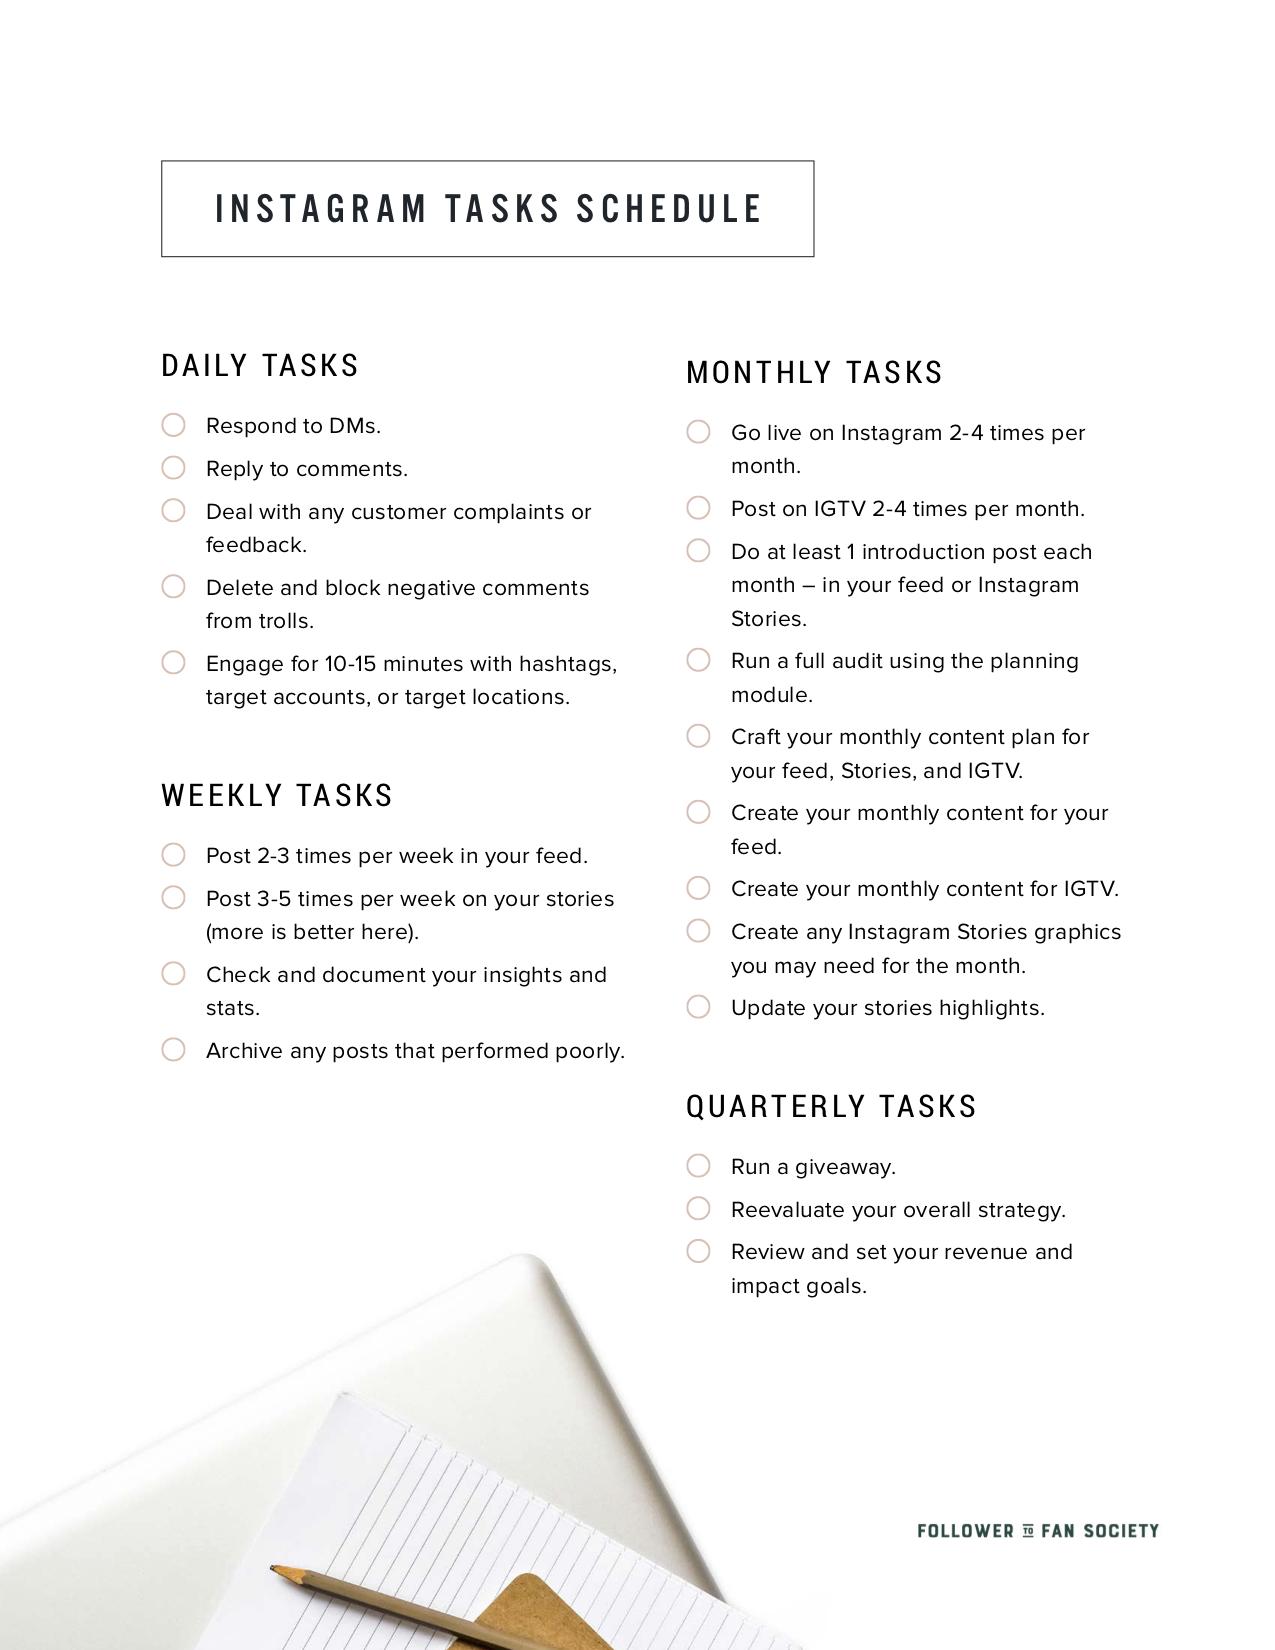 tylerjmccall_instagram-tasks-schedule.png